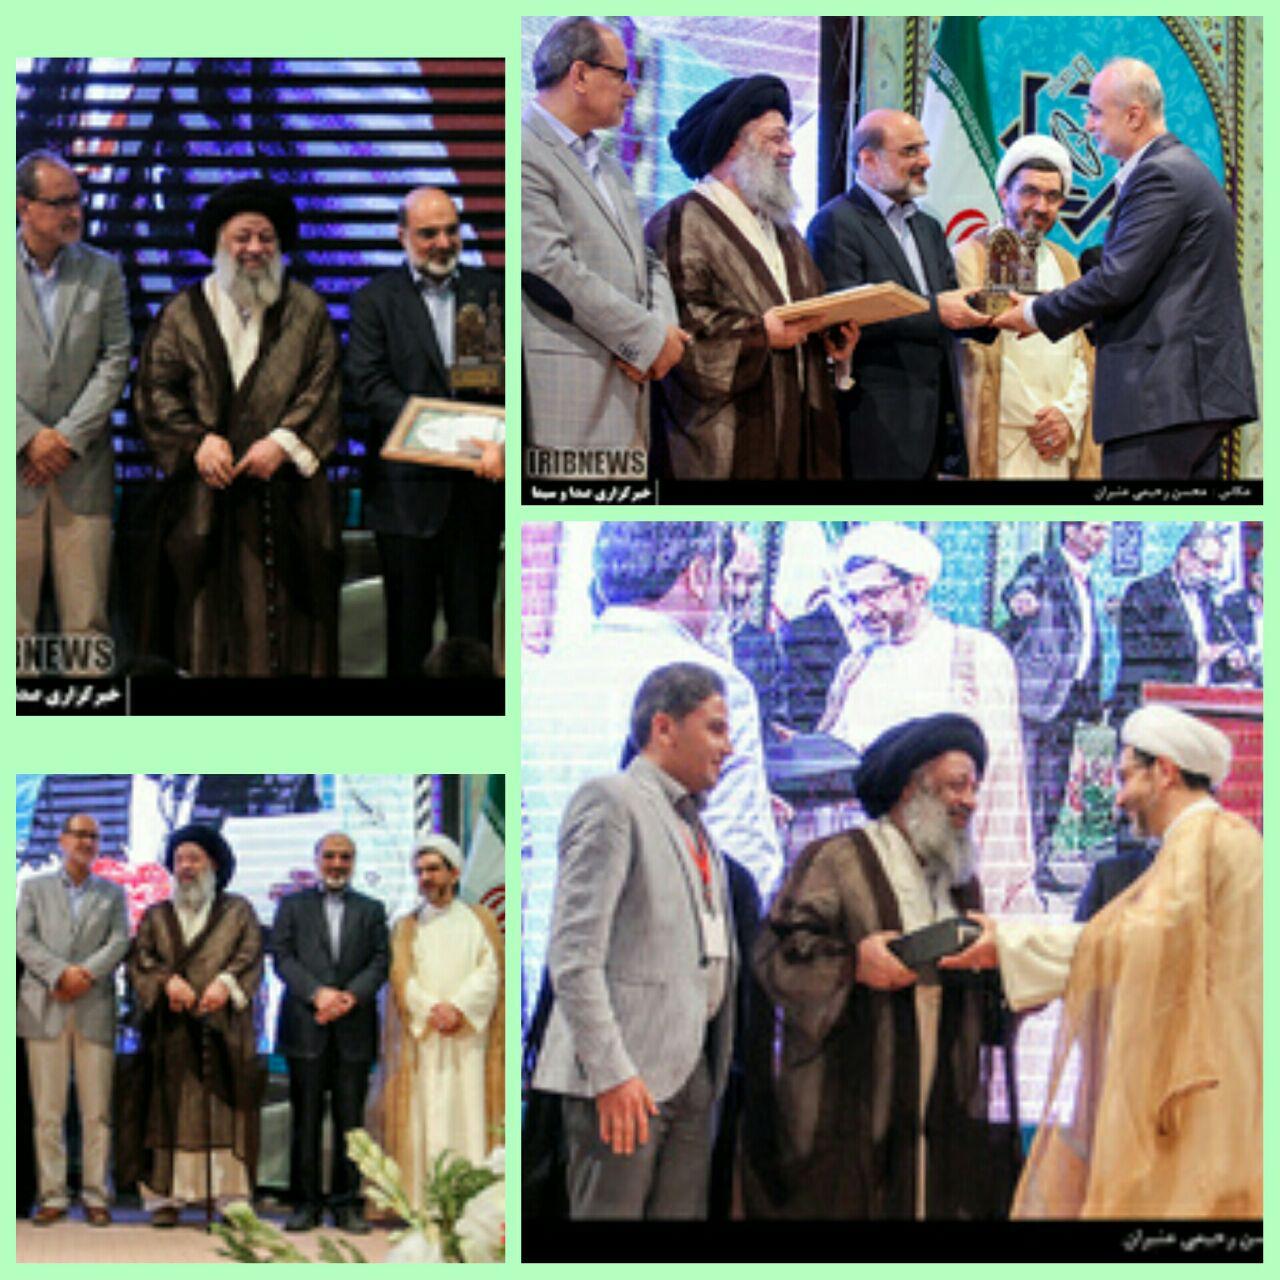 اختتامیه نهمین اجلاس مجمع عمومی اتحادیه رادیو تلویزیون های اسلامی